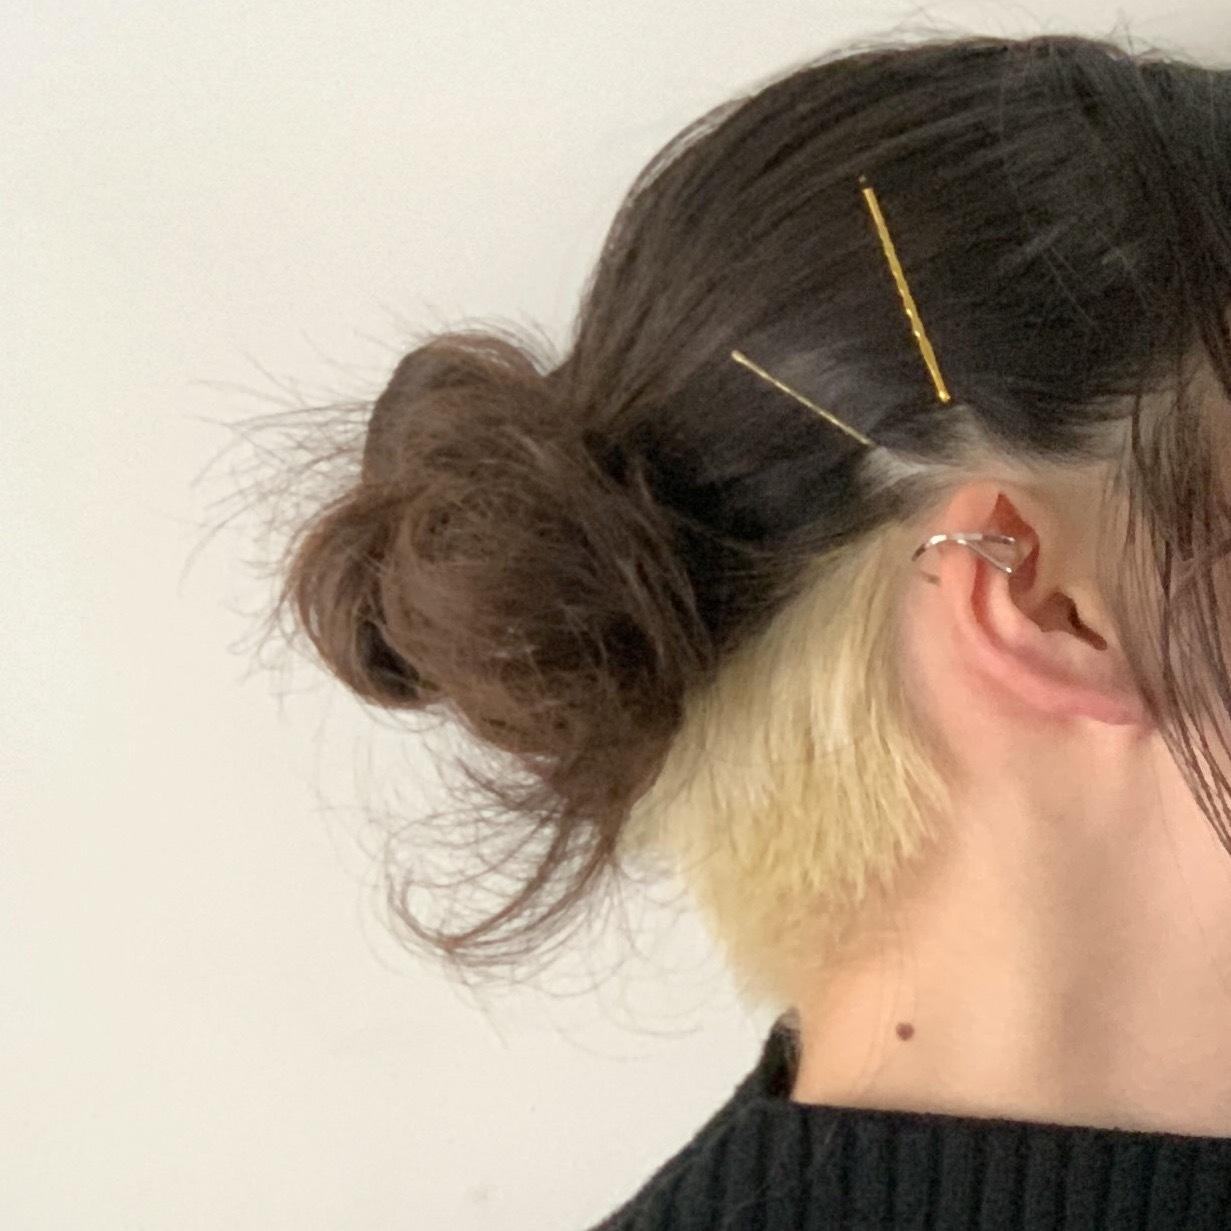 W Line Ear cuff ダブルラインイヤーカフ #SP0206【STELLAPARK】